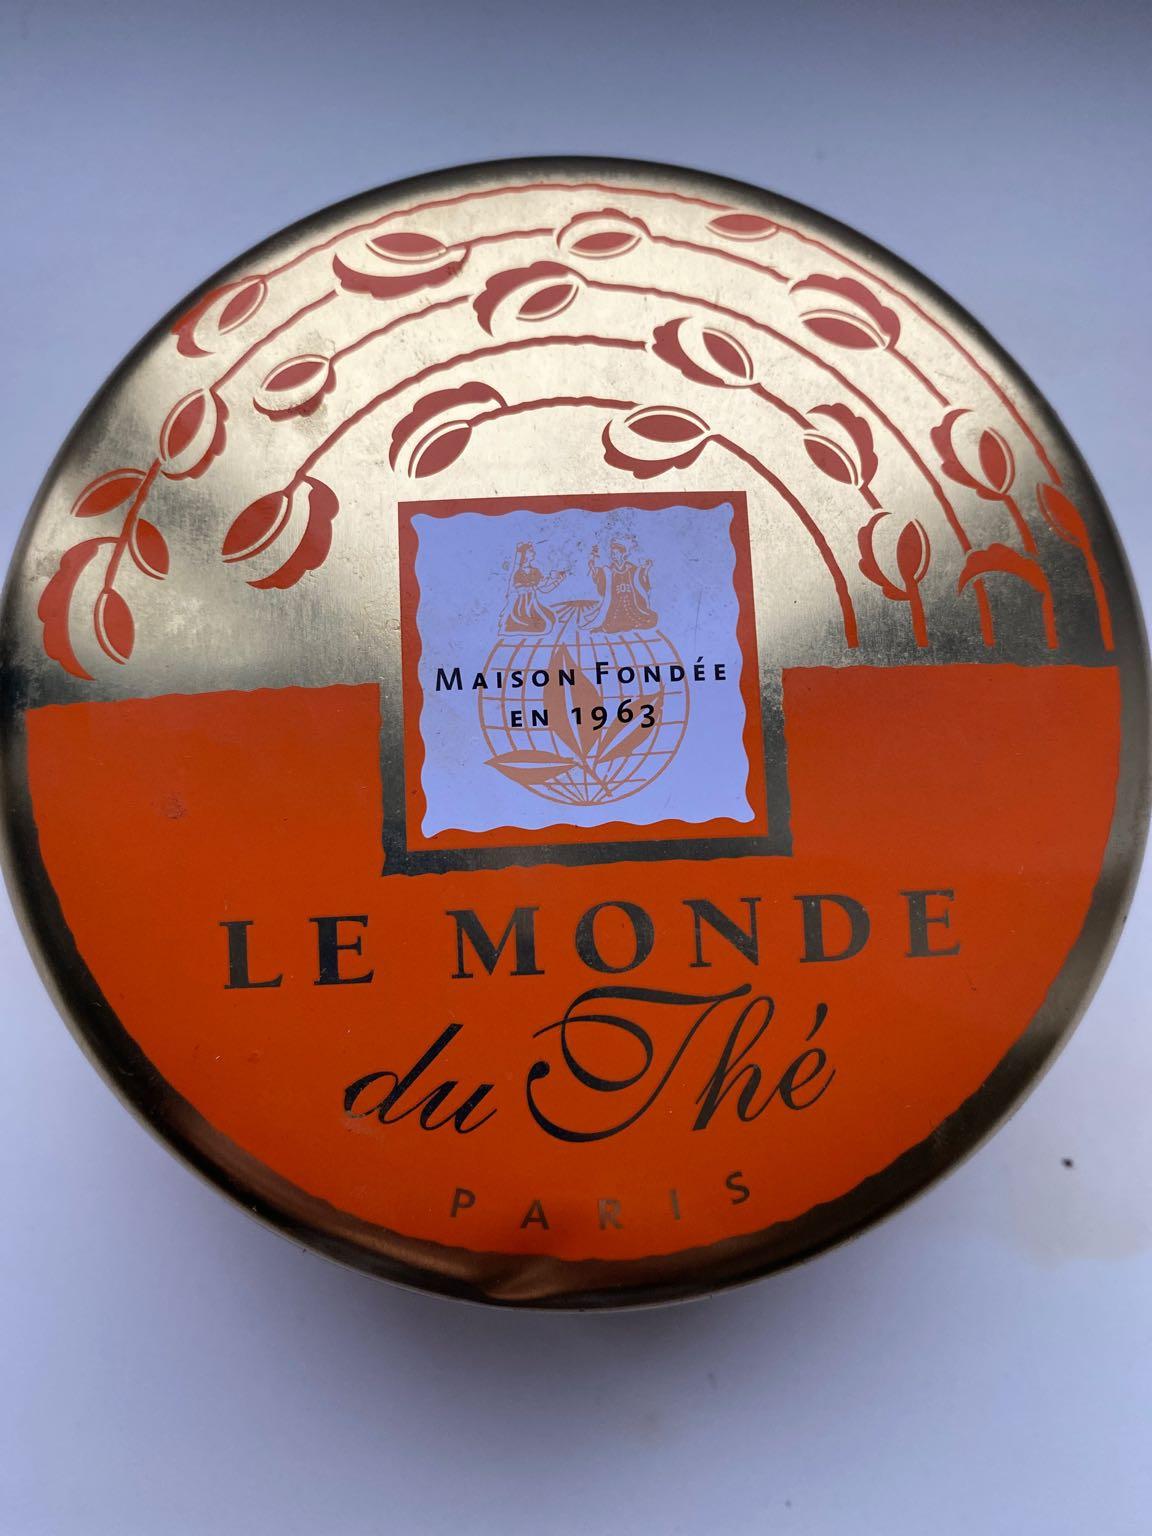 Le Monde du The Paris